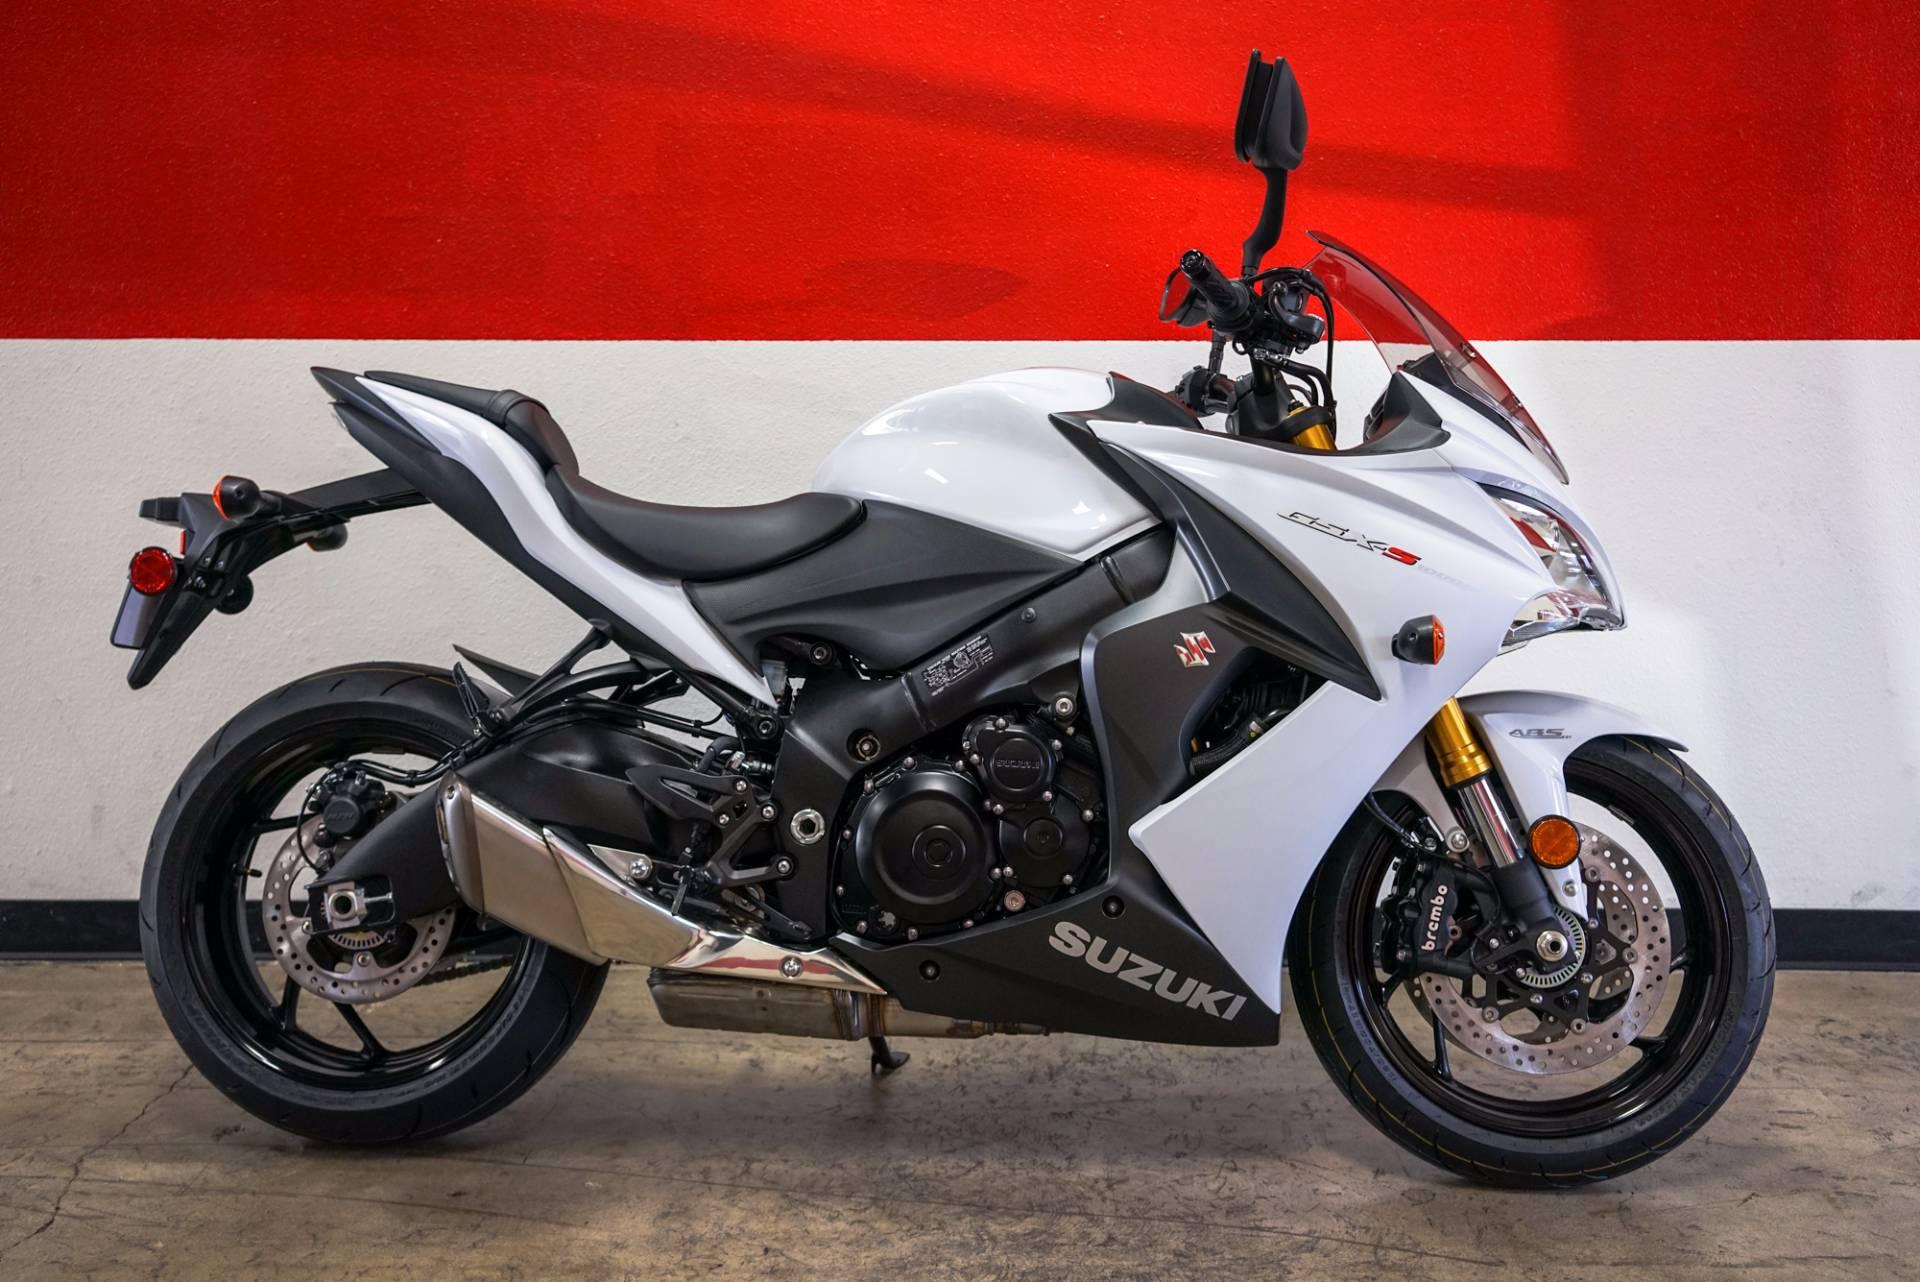 New 2018 Suzuki Gsx S1000f Abs Motorcycles In Brea Ca